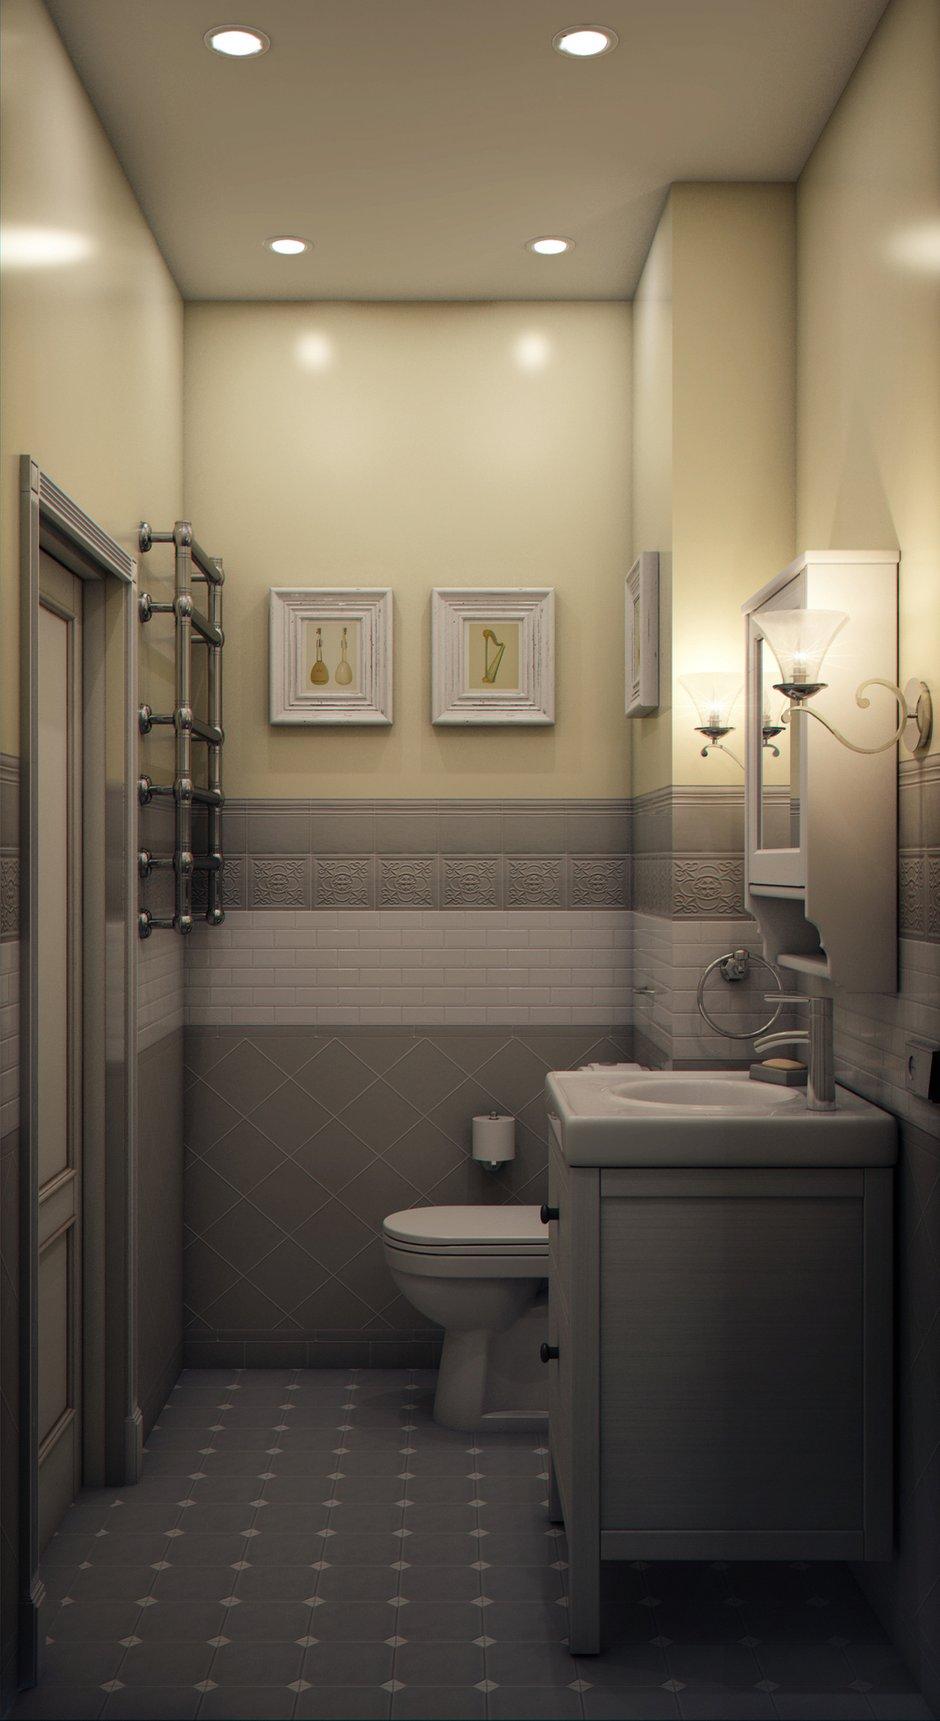 Фотография: Ванная в стиле Классический, Современный, Эклектика, Квартира, Проект недели, Марина Саркисян, Подмосковье – фото на INMYROOM